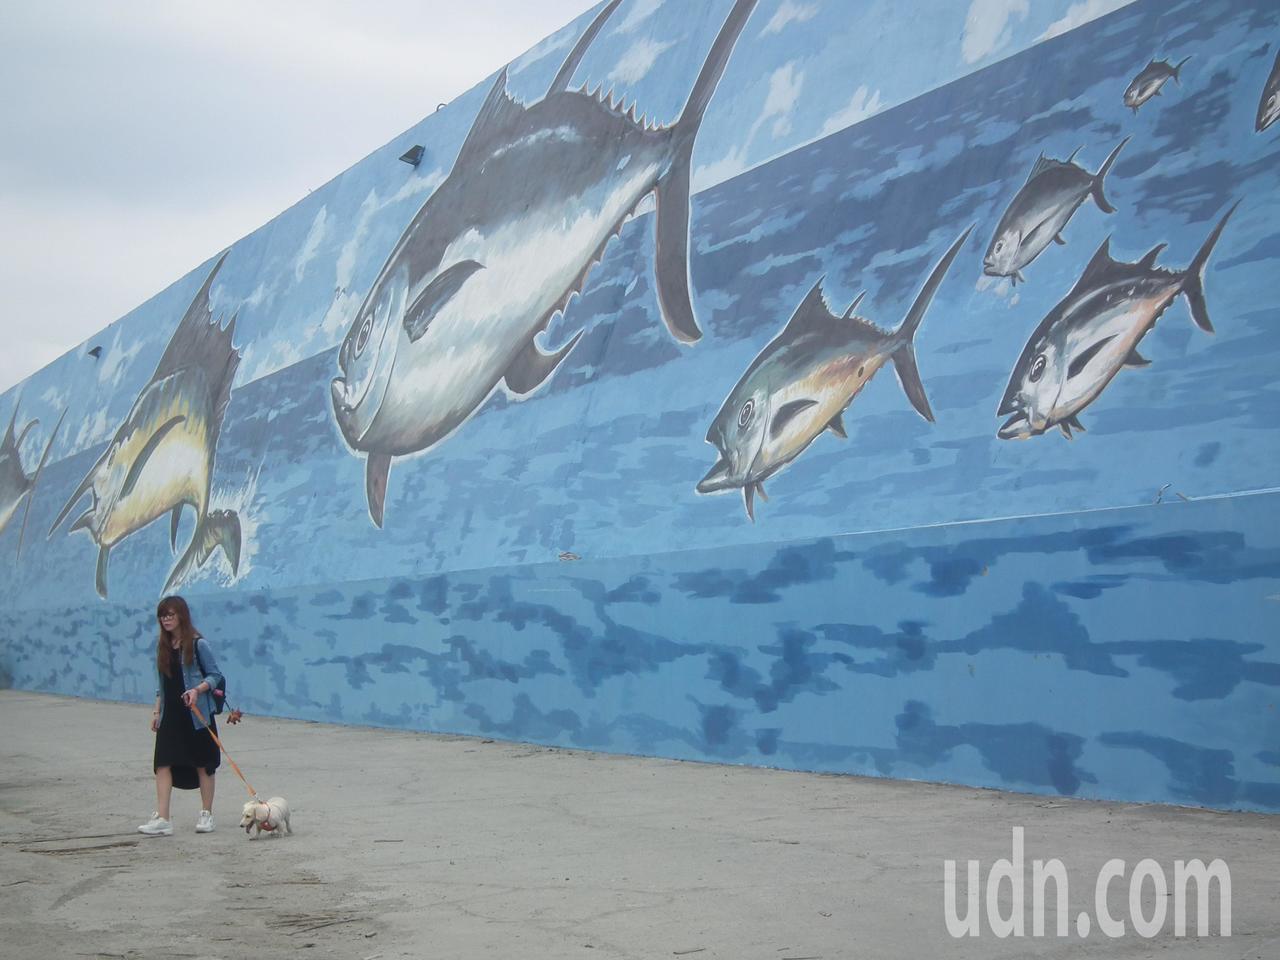 台東富岡漁港防坡堤重新彩繪的牆面讓人眼睛為之一亮,也改善了富岡漁港觀光門面。記者...